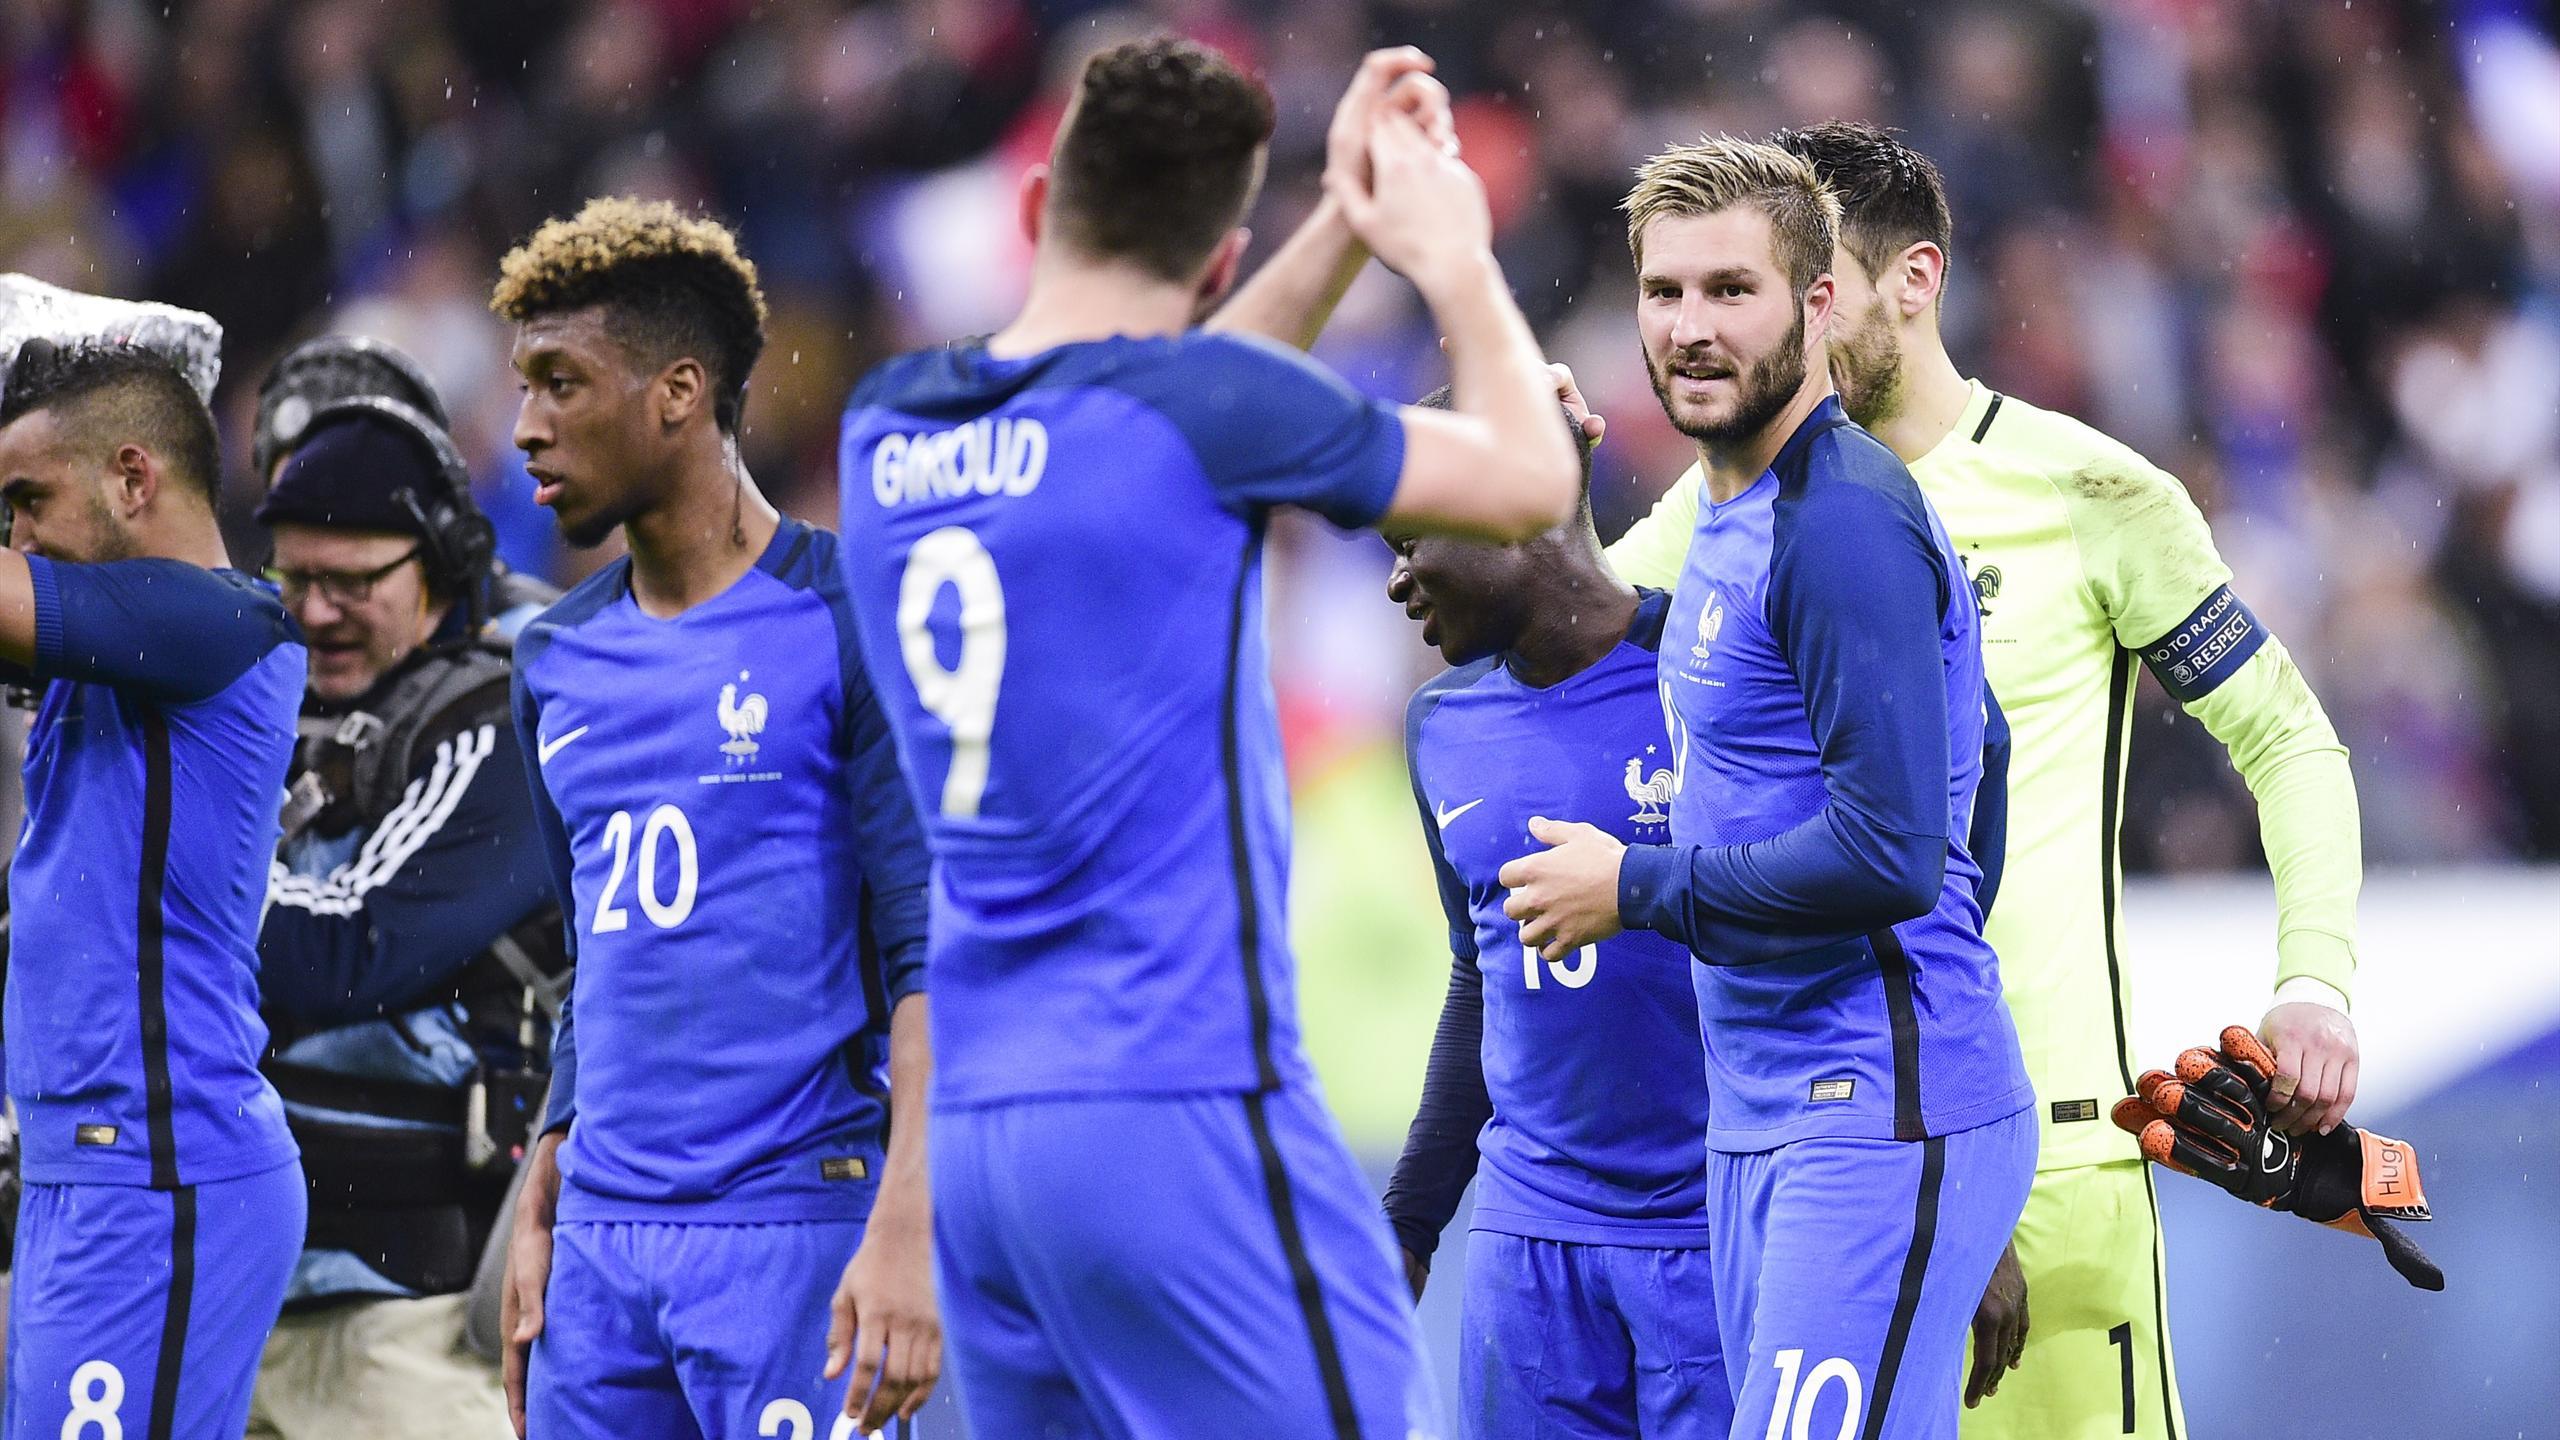 Giroud, Gignac et Coman sous le maillot de l'équipe de France